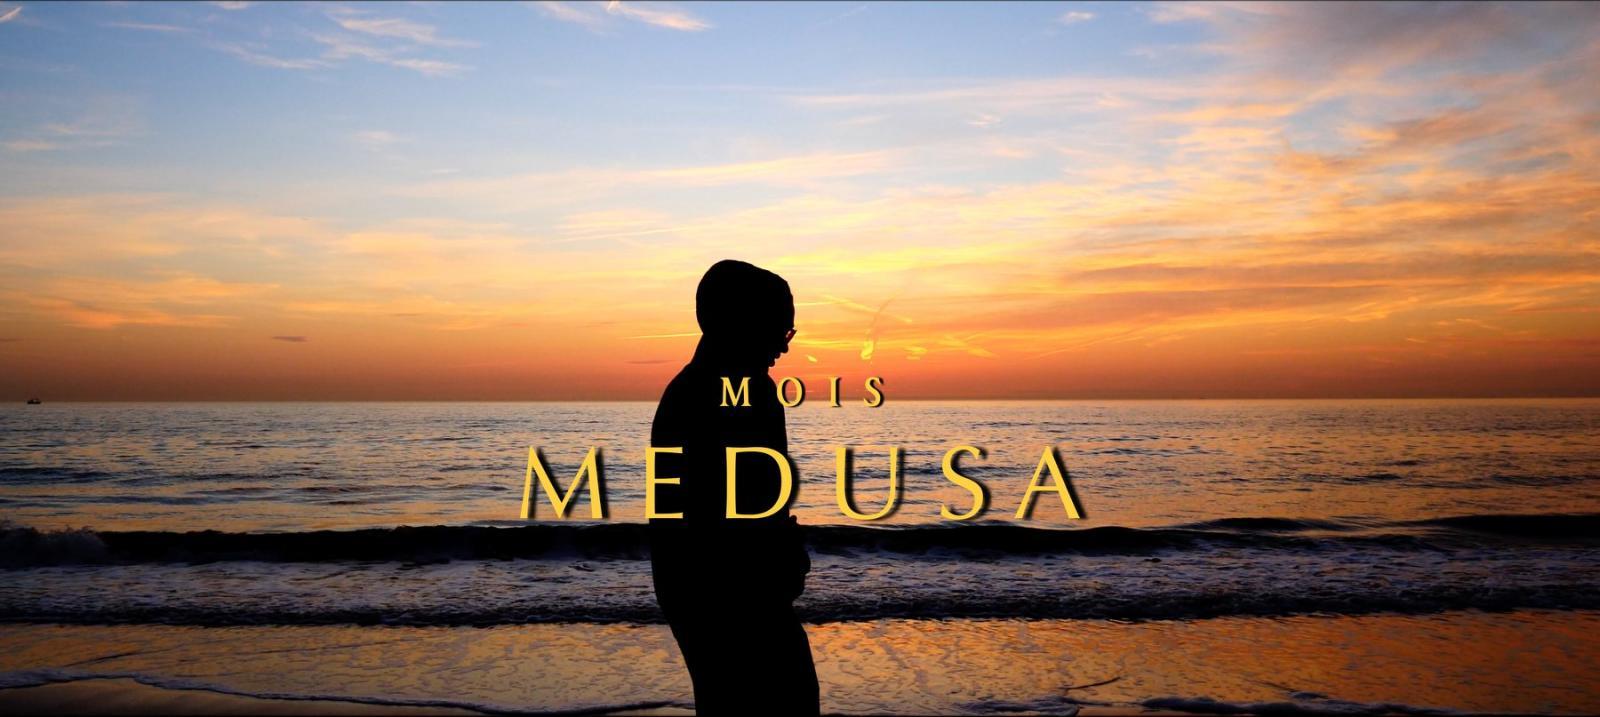 Upcoming: Mois - Medusa